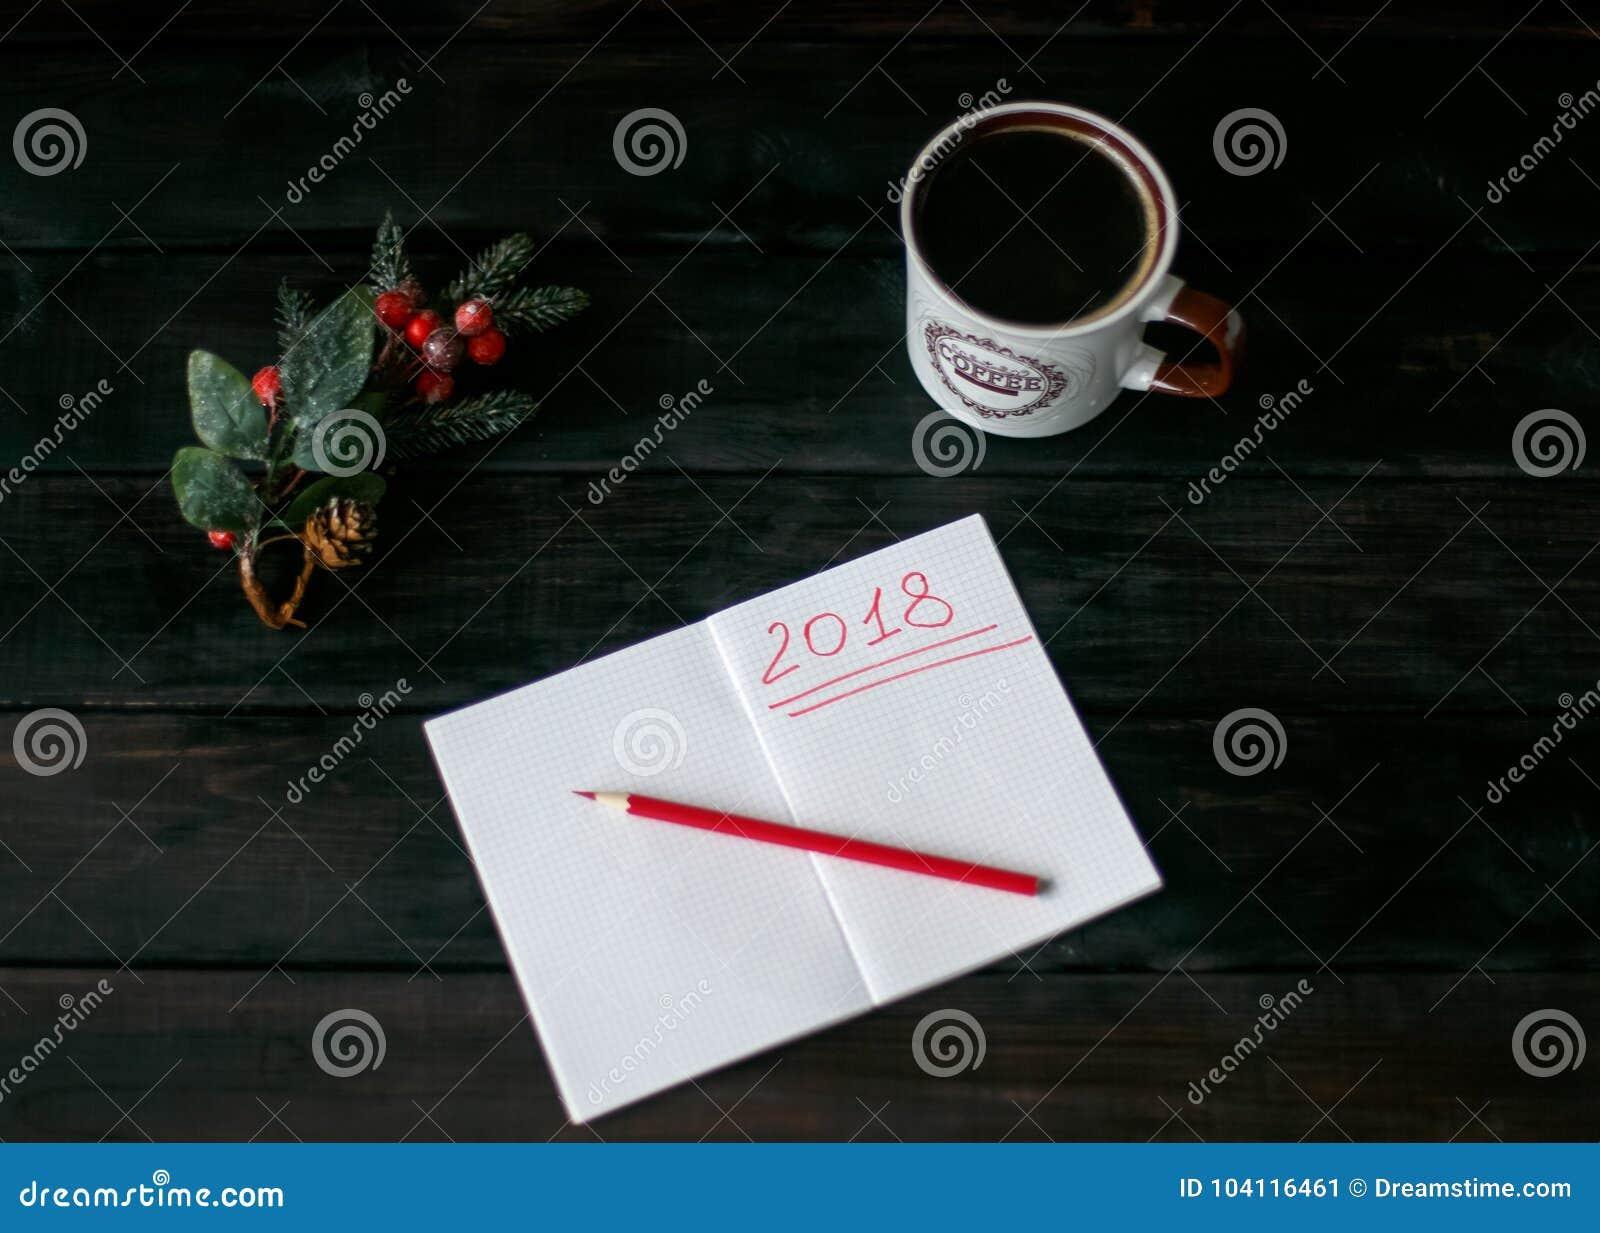 L Encore-vie avec un carnet avec une inscription rouge 2018, une tasse de café